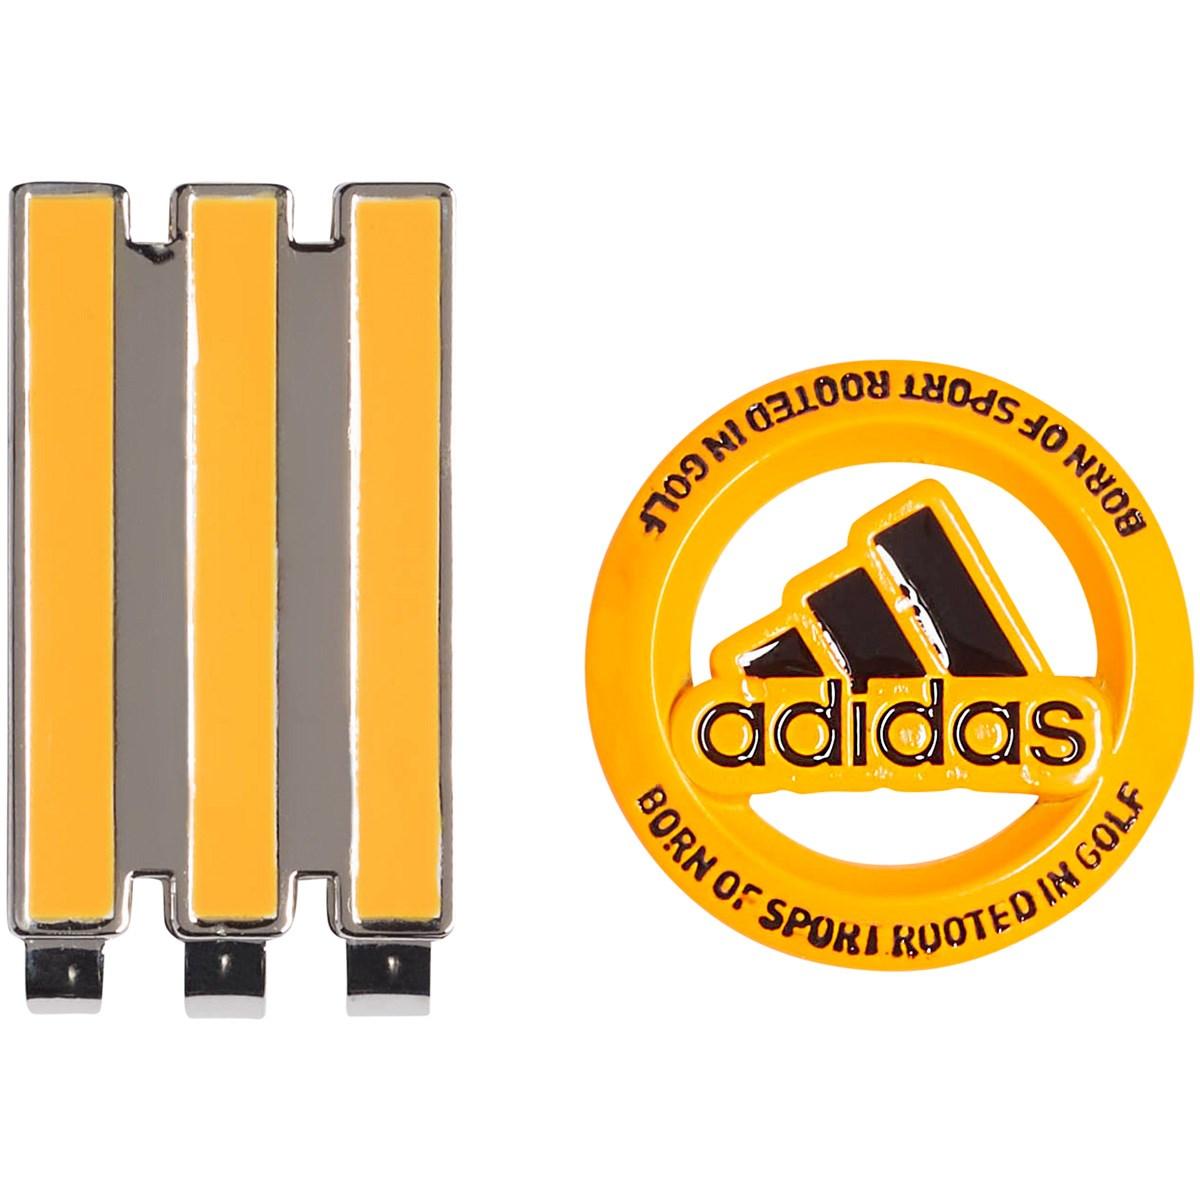 アディダス(adidas) ネオンカラークリップマーカー